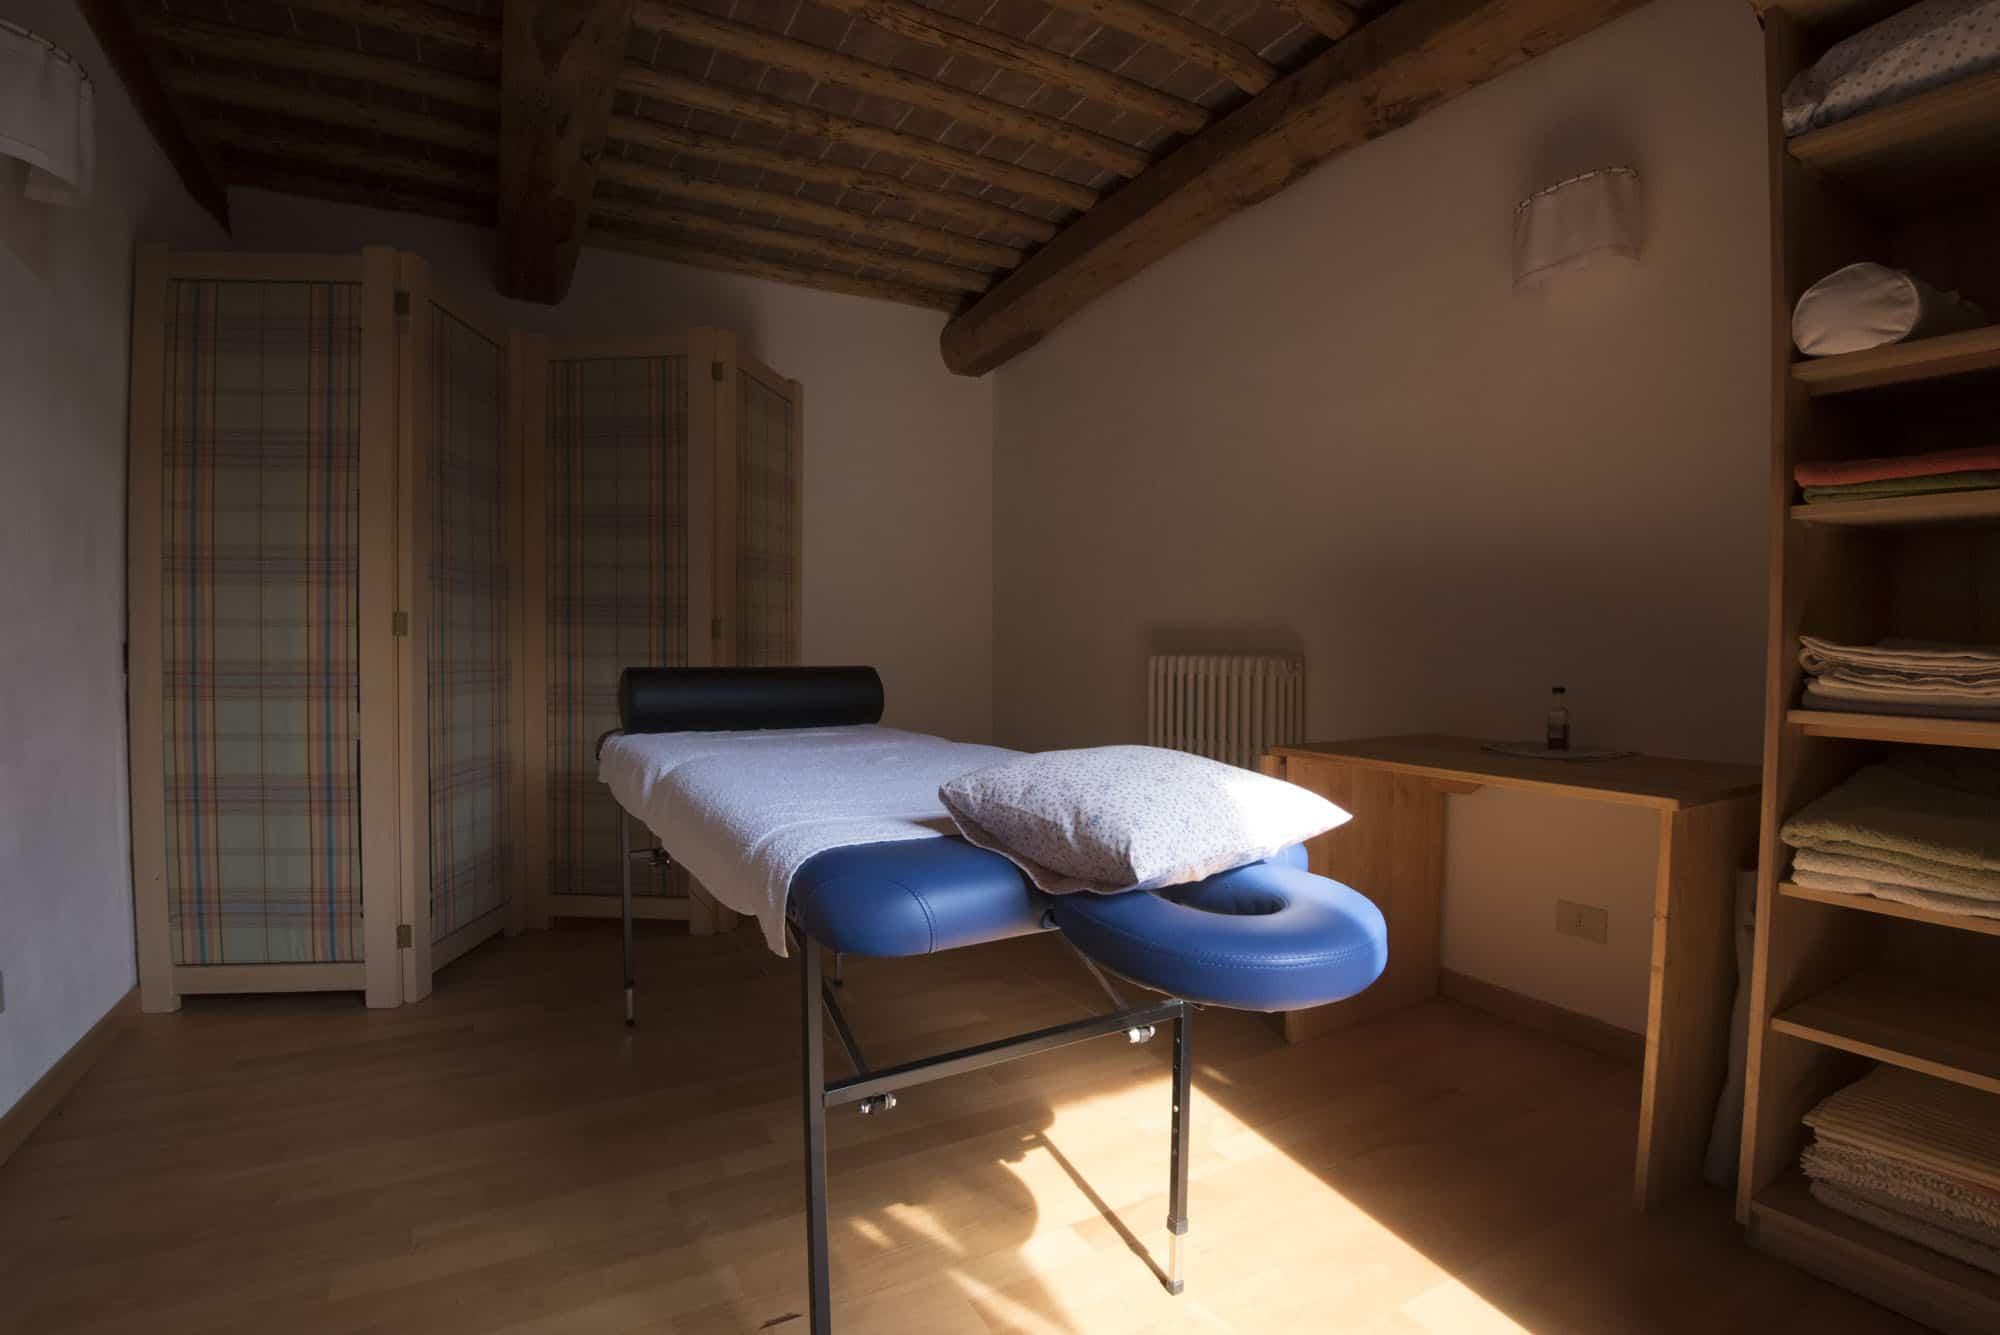 massaggi01